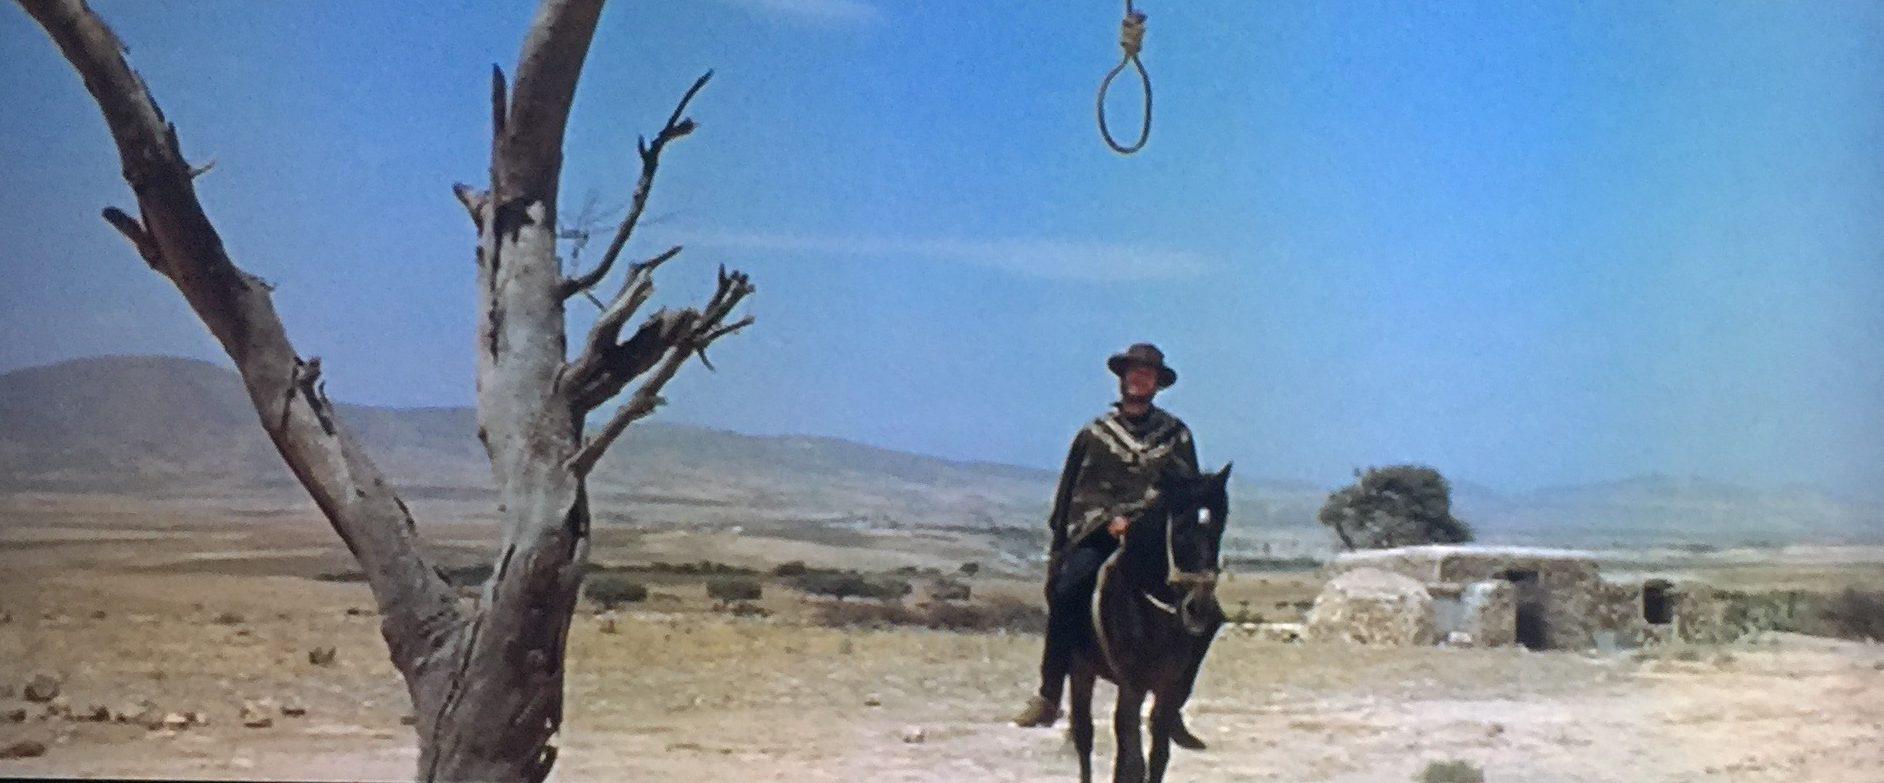 """「荒野の用心棒」""""A Fistful of Dollars"""" aka """"Per un pugno di dollari""""(1964)"""